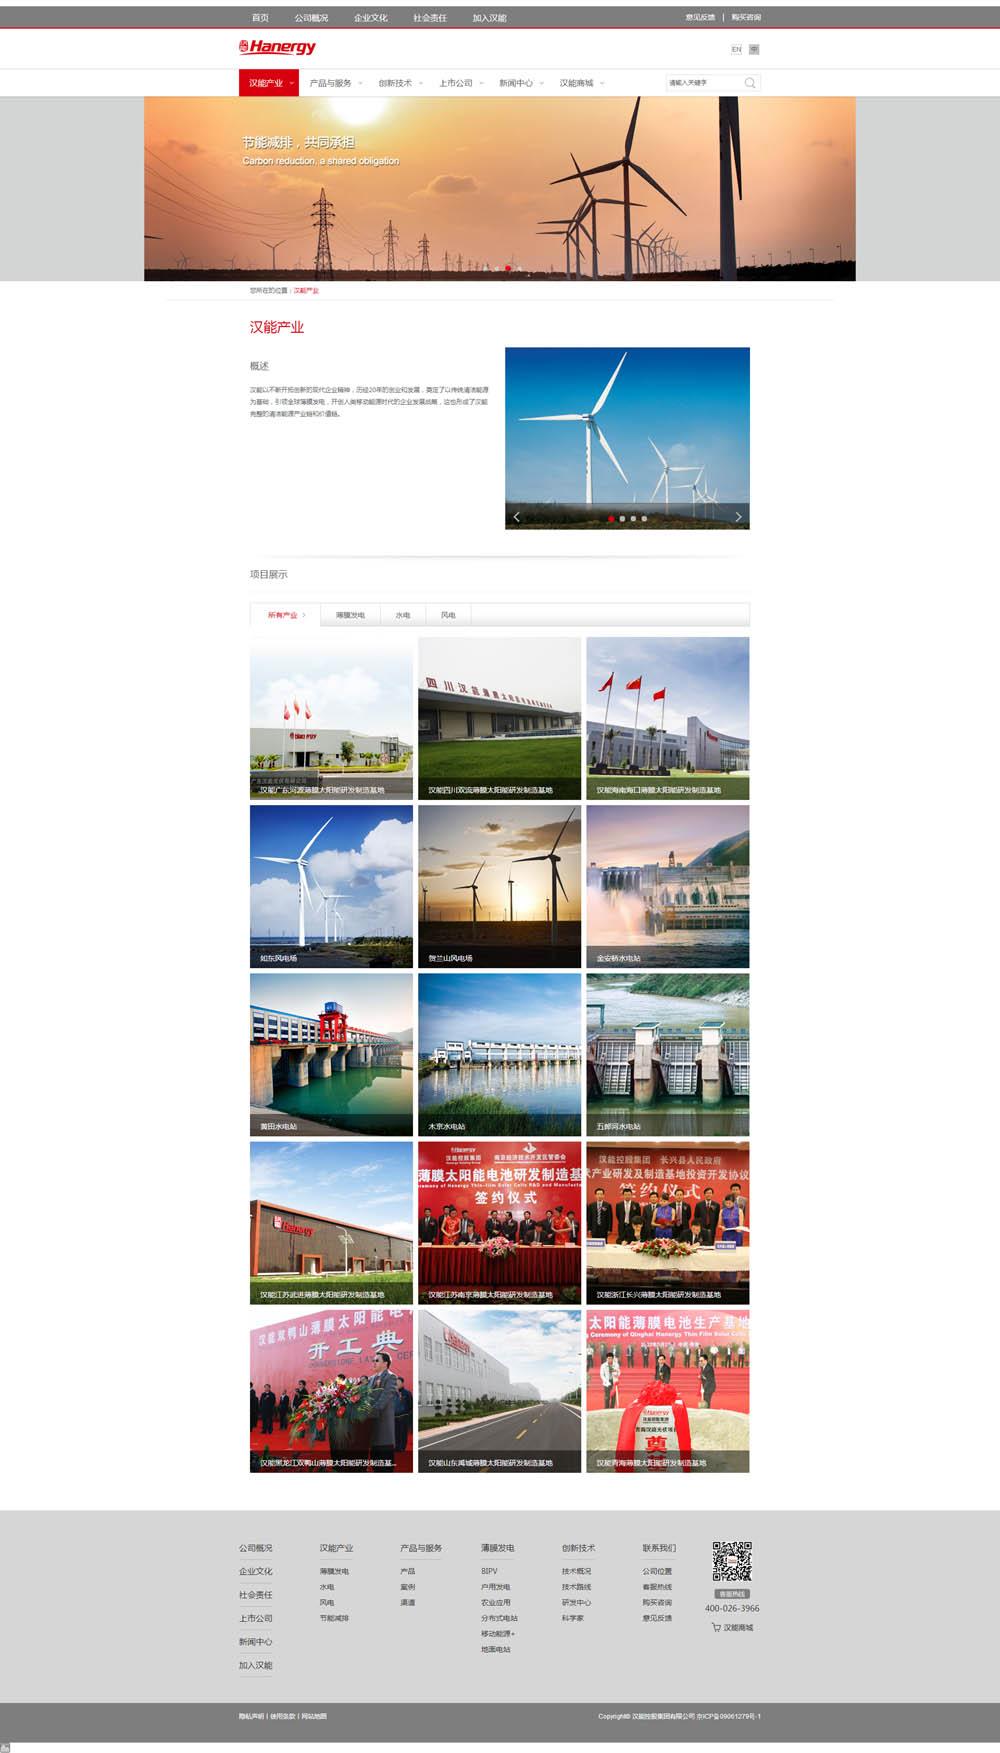 漢能控股集團企業品牌形象網站建設案例